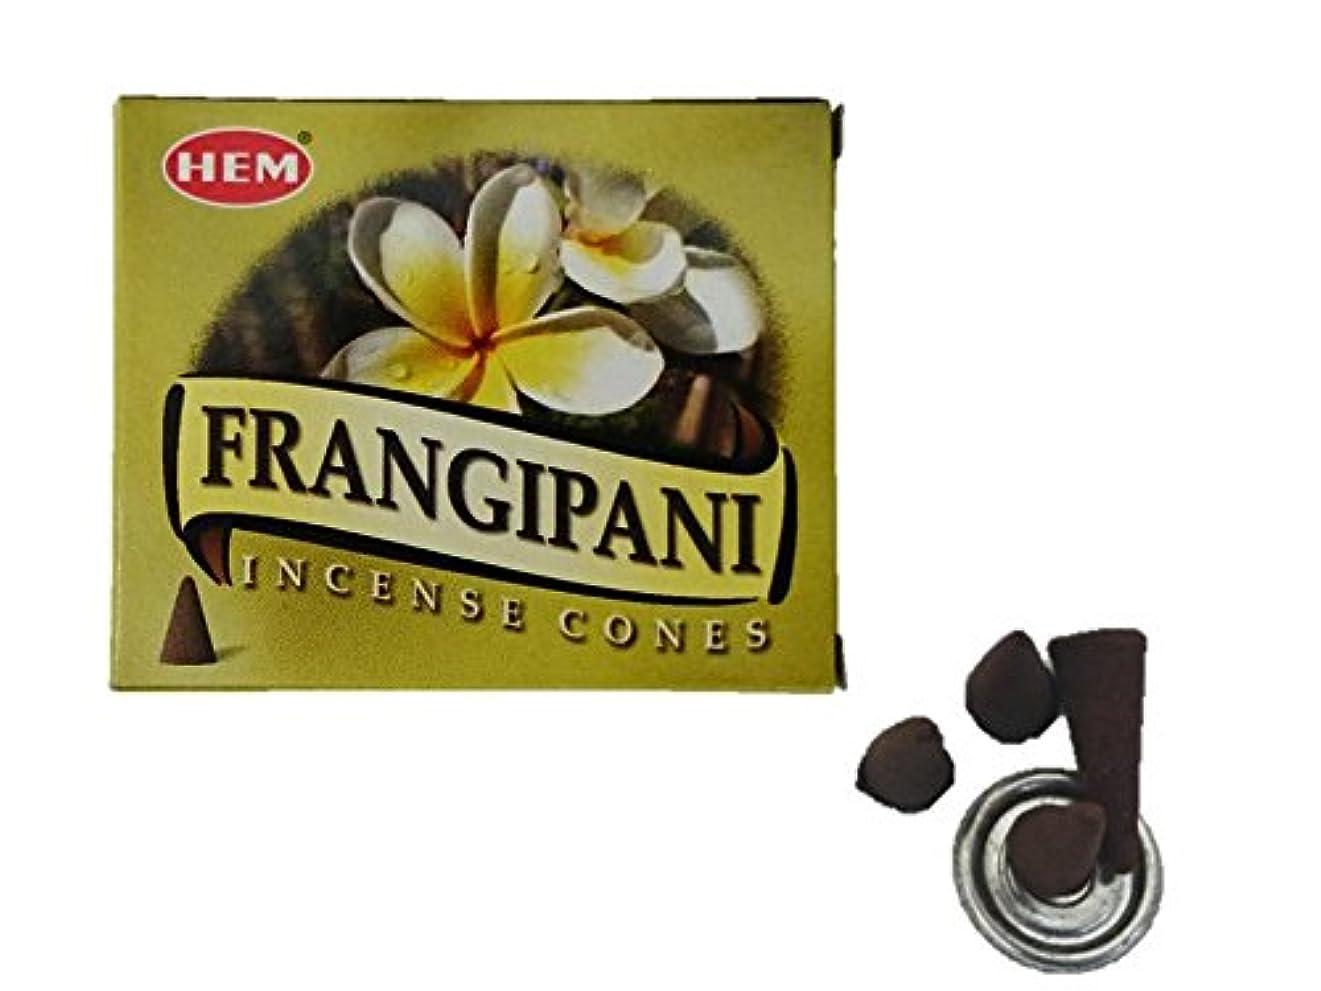 付き添い人重大洞察力HEM(ヘム)お香 フランジパニ コーン 1箱